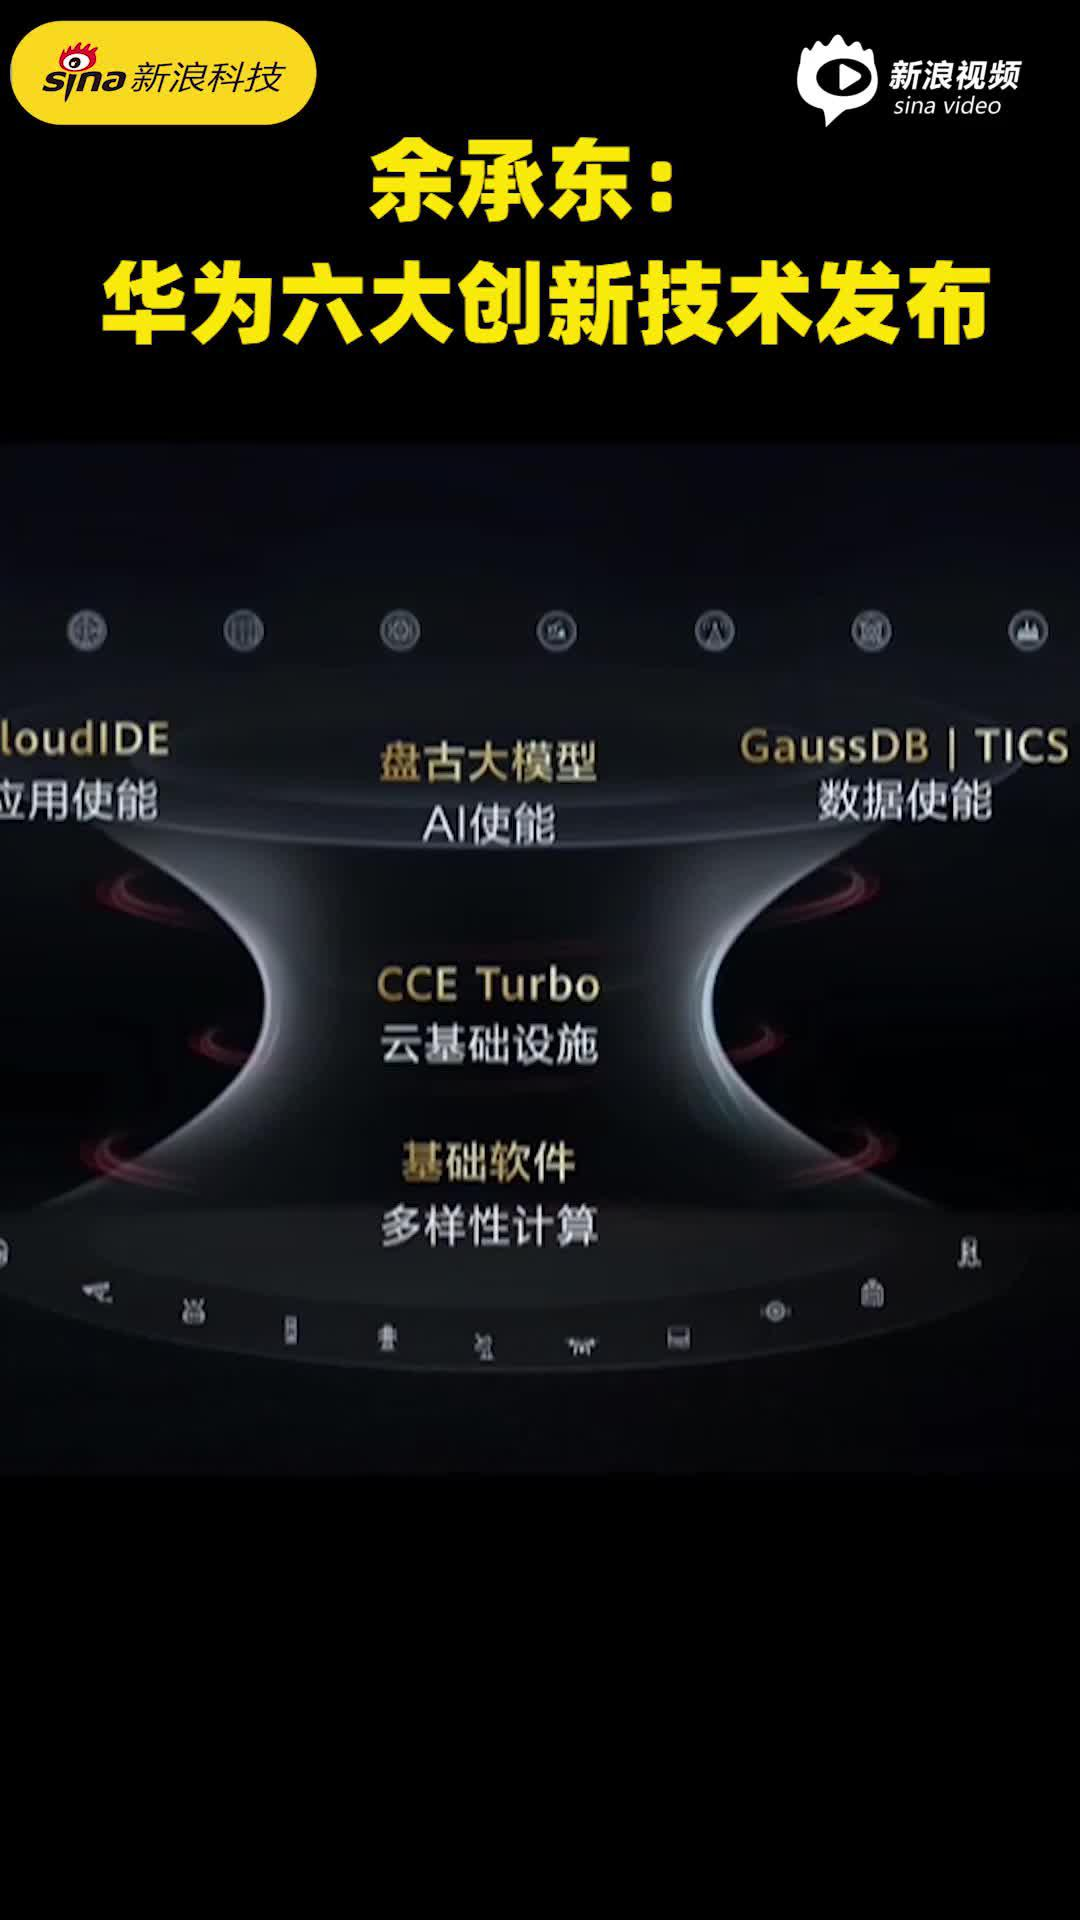 余承东发布华为云六大创新技术